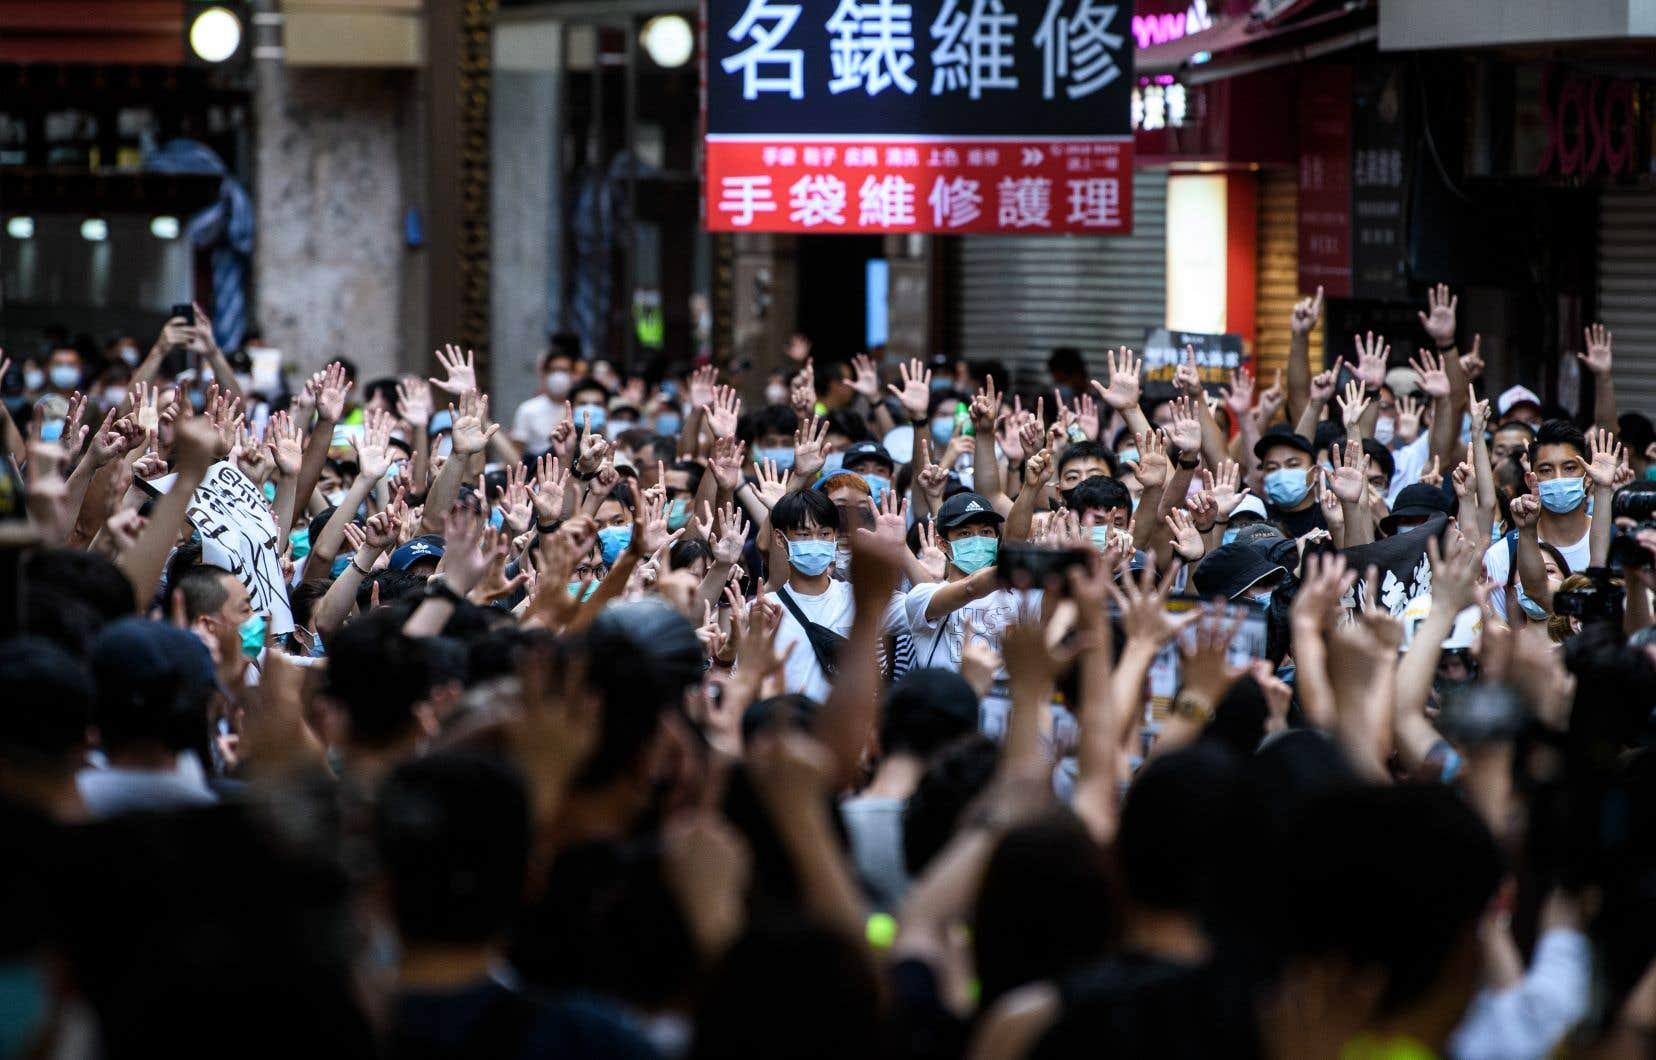 Depuis le 18mai dernier — date à laquelle la Chine a brandi la menace d'une nouvelle loi de sécurité nationale —, le nombre d'appels de Hongkongais voulant quitter l'île a bondi, selon Halcyon Counsel, une firme de consultants en immigration basée à Hong Kong depuis douze ans.